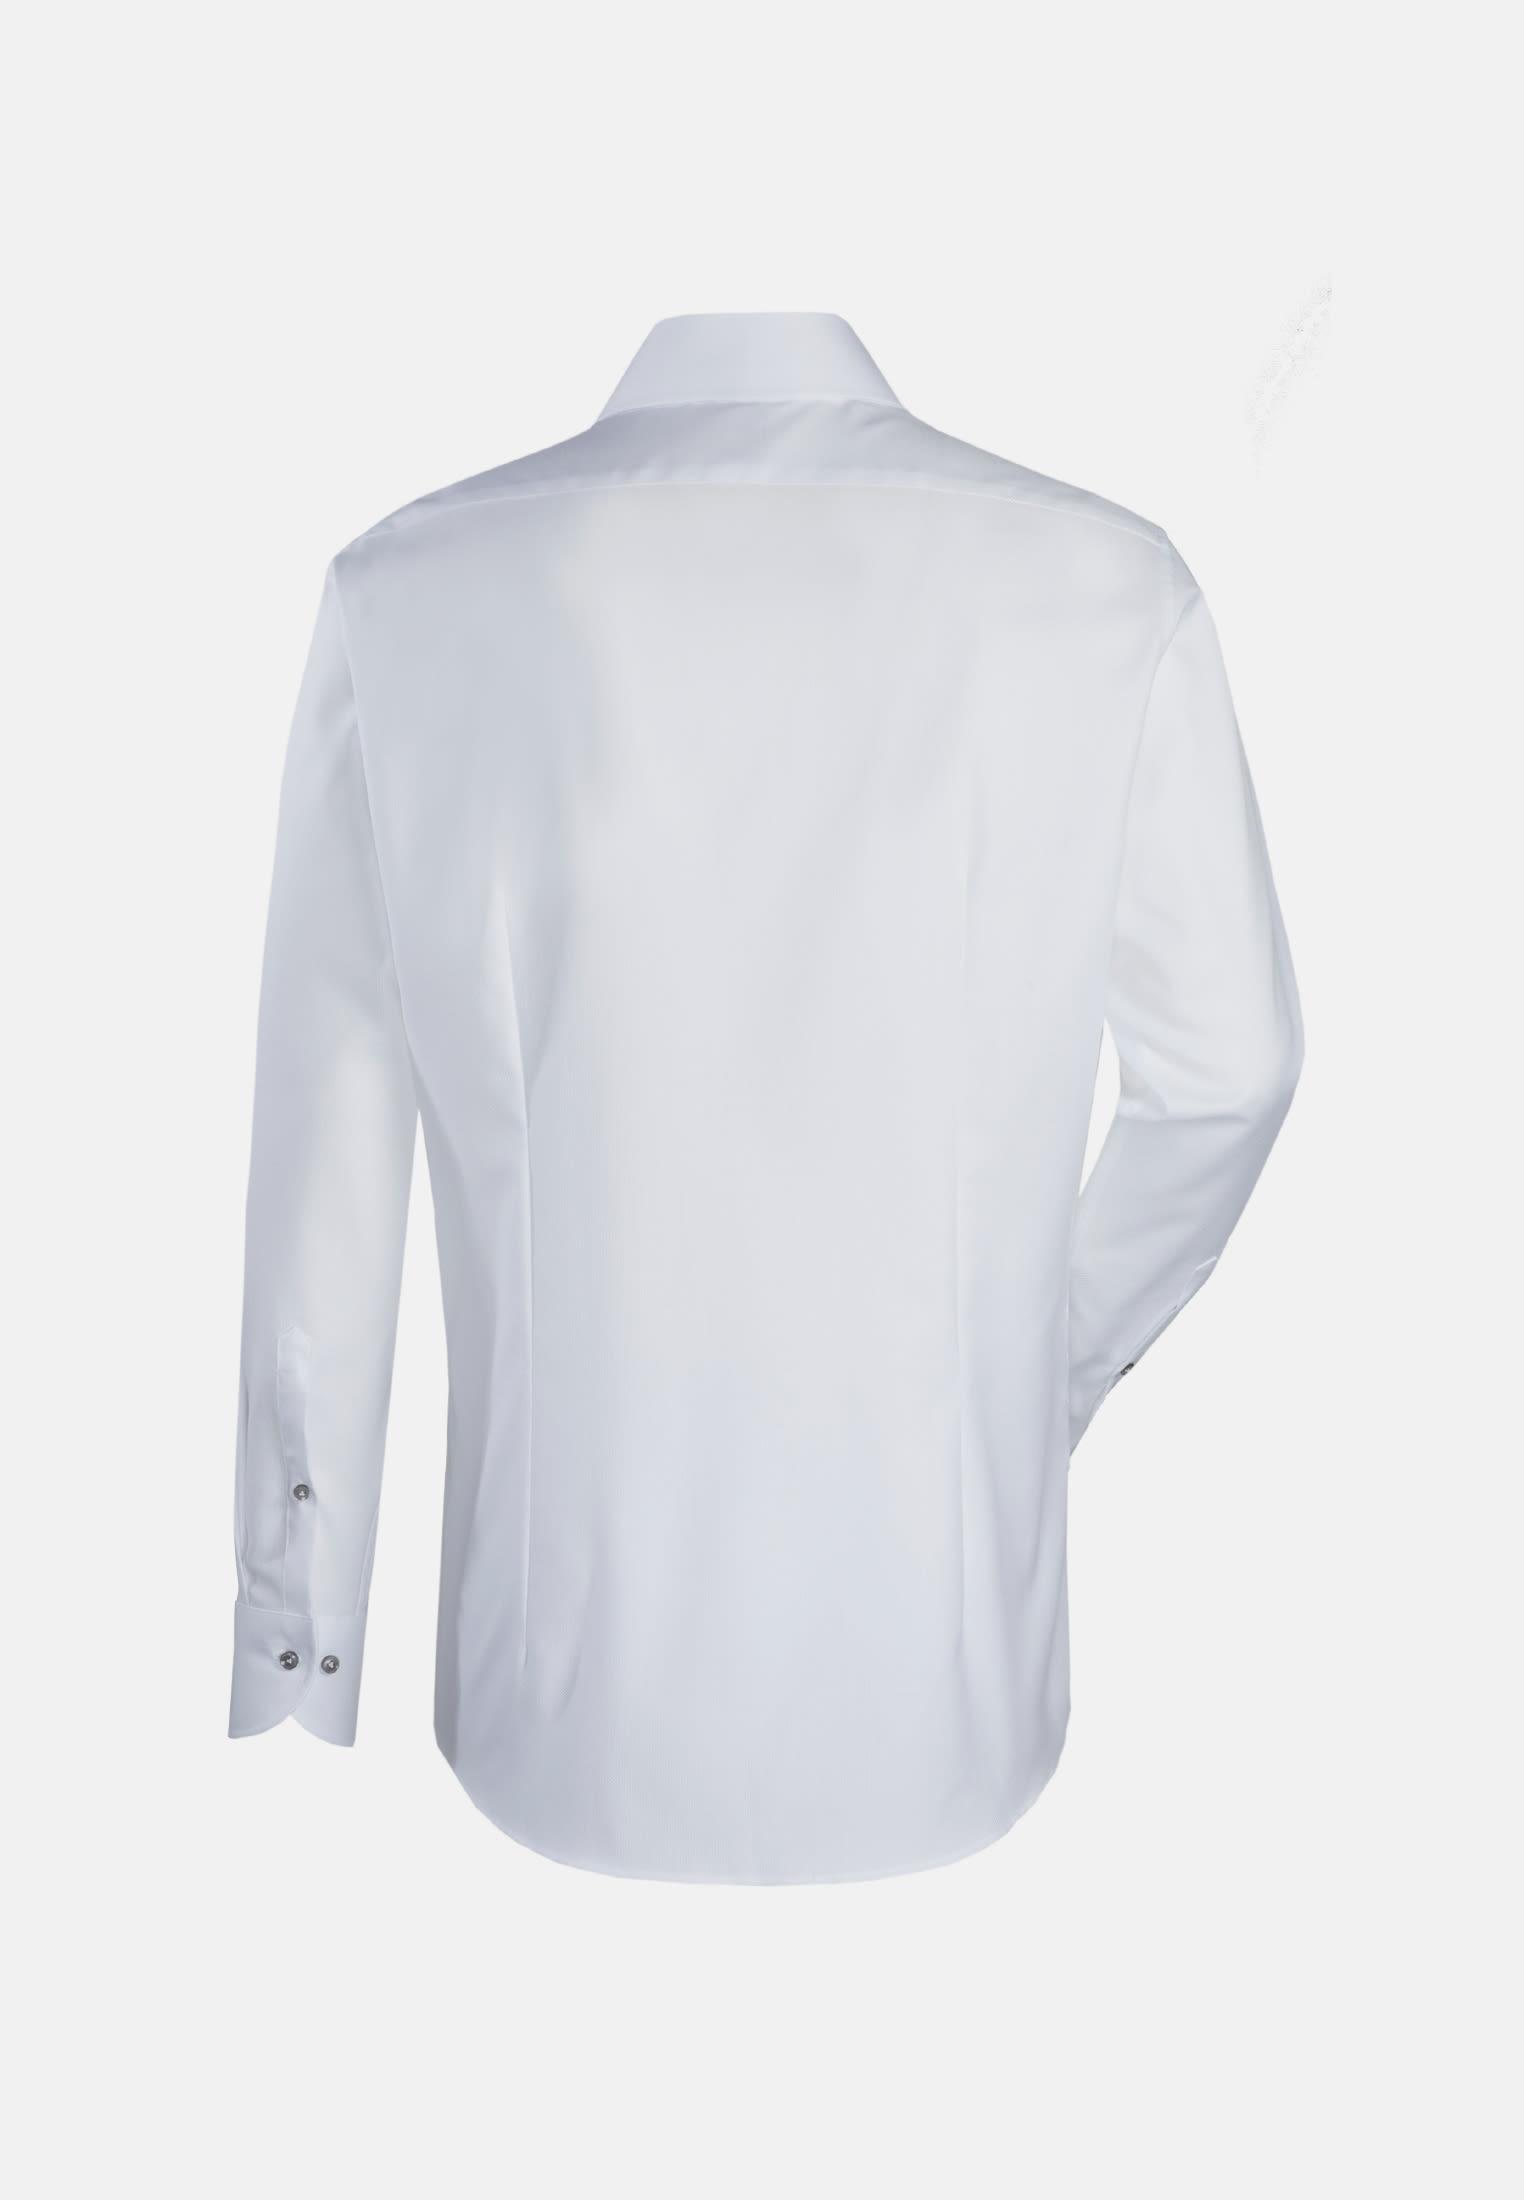 Struktur Business Hemd in Slim Fit mit Haifischkragen in Weiß    Jacques Britt Onlineshop